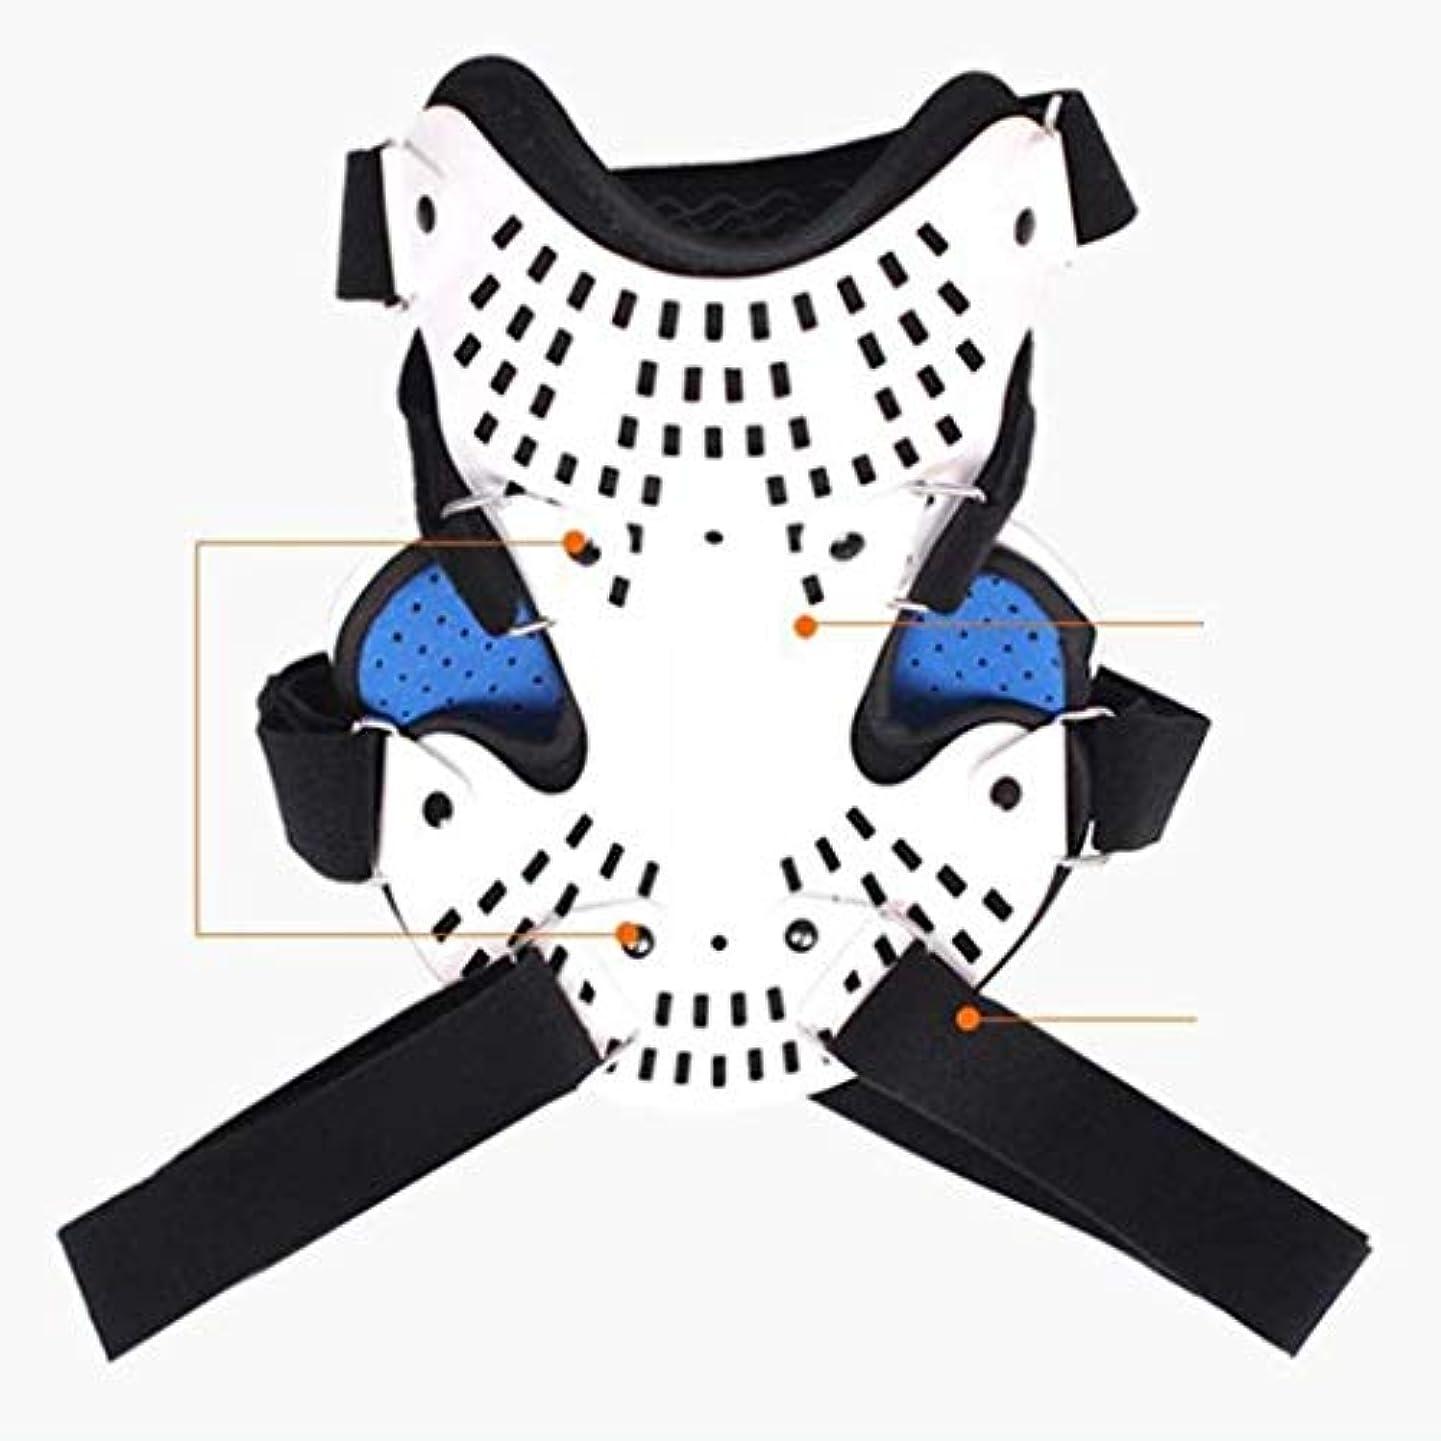 海港召喚するフェリー首のマッサージャー、首の牽引装置 - 首と肩の痛みを軽減 - 担架首/家族は脊椎矯正を向上させます